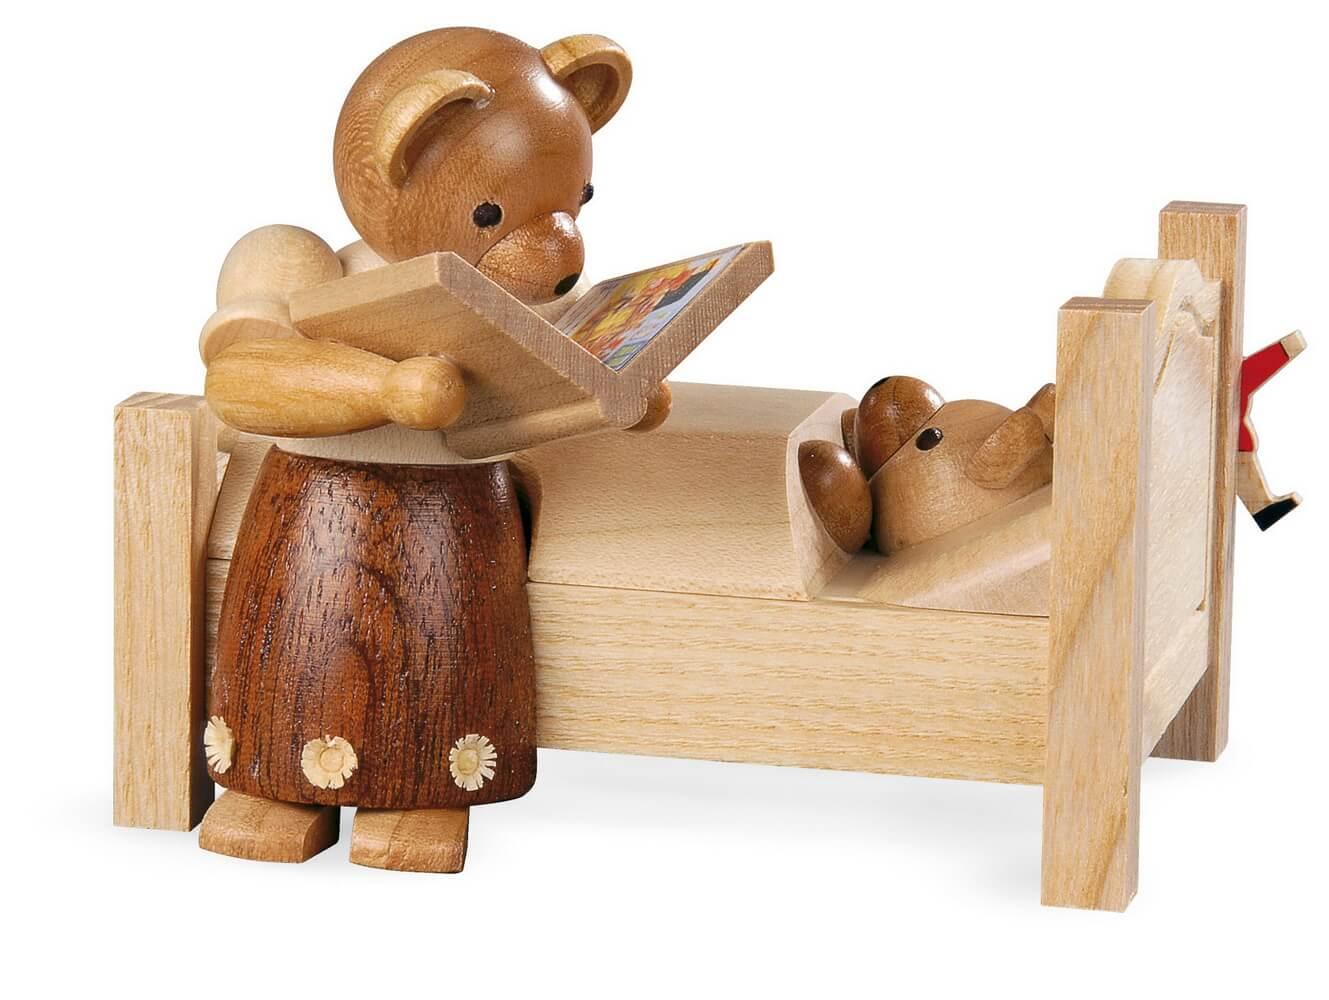 Dekofigur Bärenmutter mit Gute-Nacht-Geschichten aus Holz, naturfarben von Müller Kleinkunst aus Seiffen